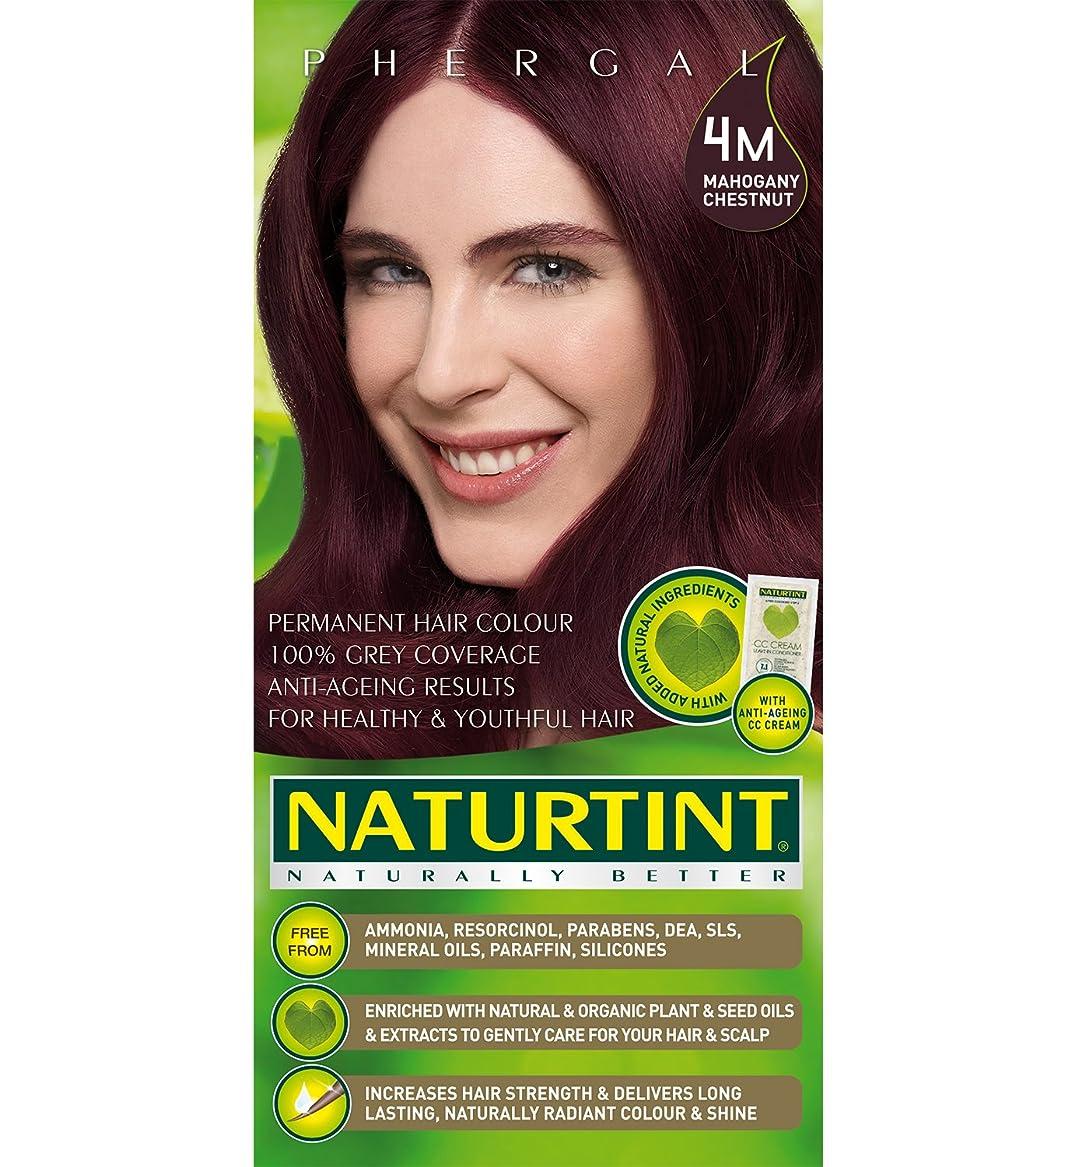 シュガー境界差別化するNaturtint Hair Color 4M Mahogany Chestnut Count (並行輸入品)